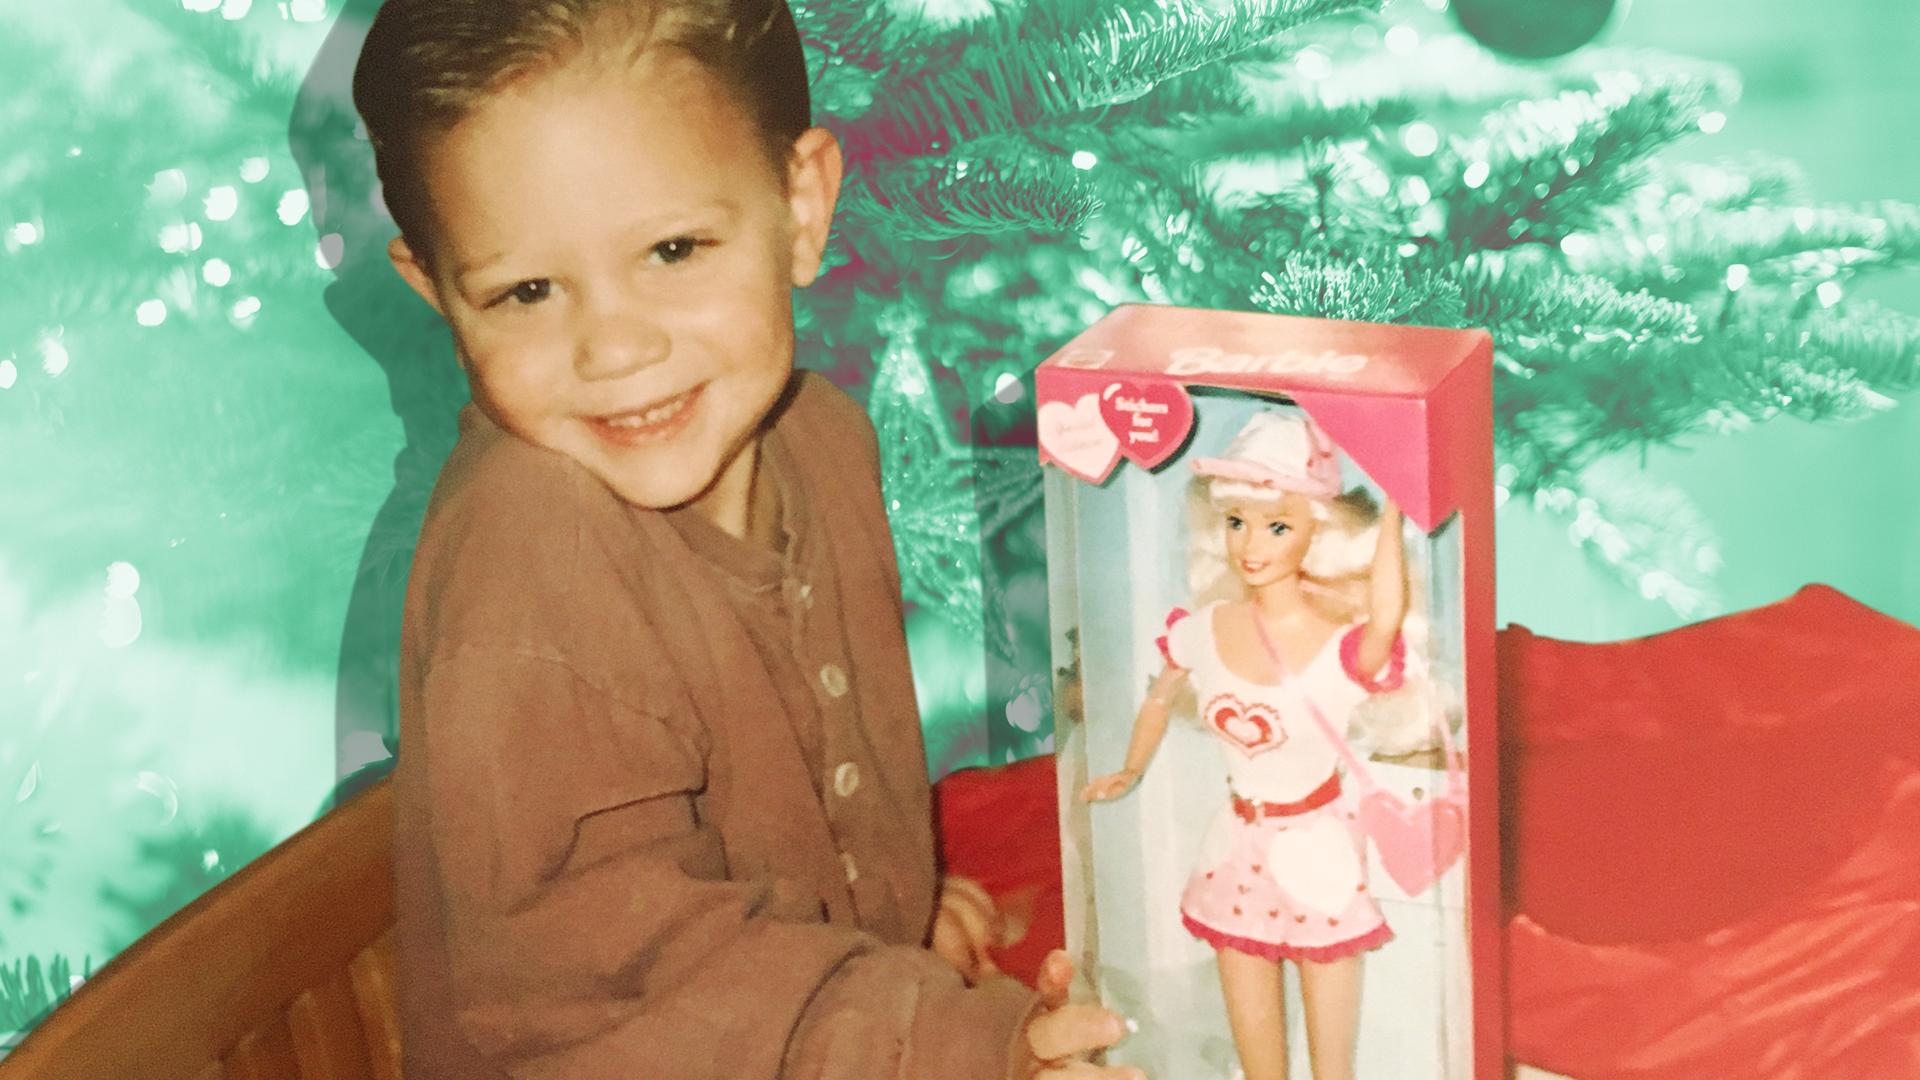 Boy with Barbie